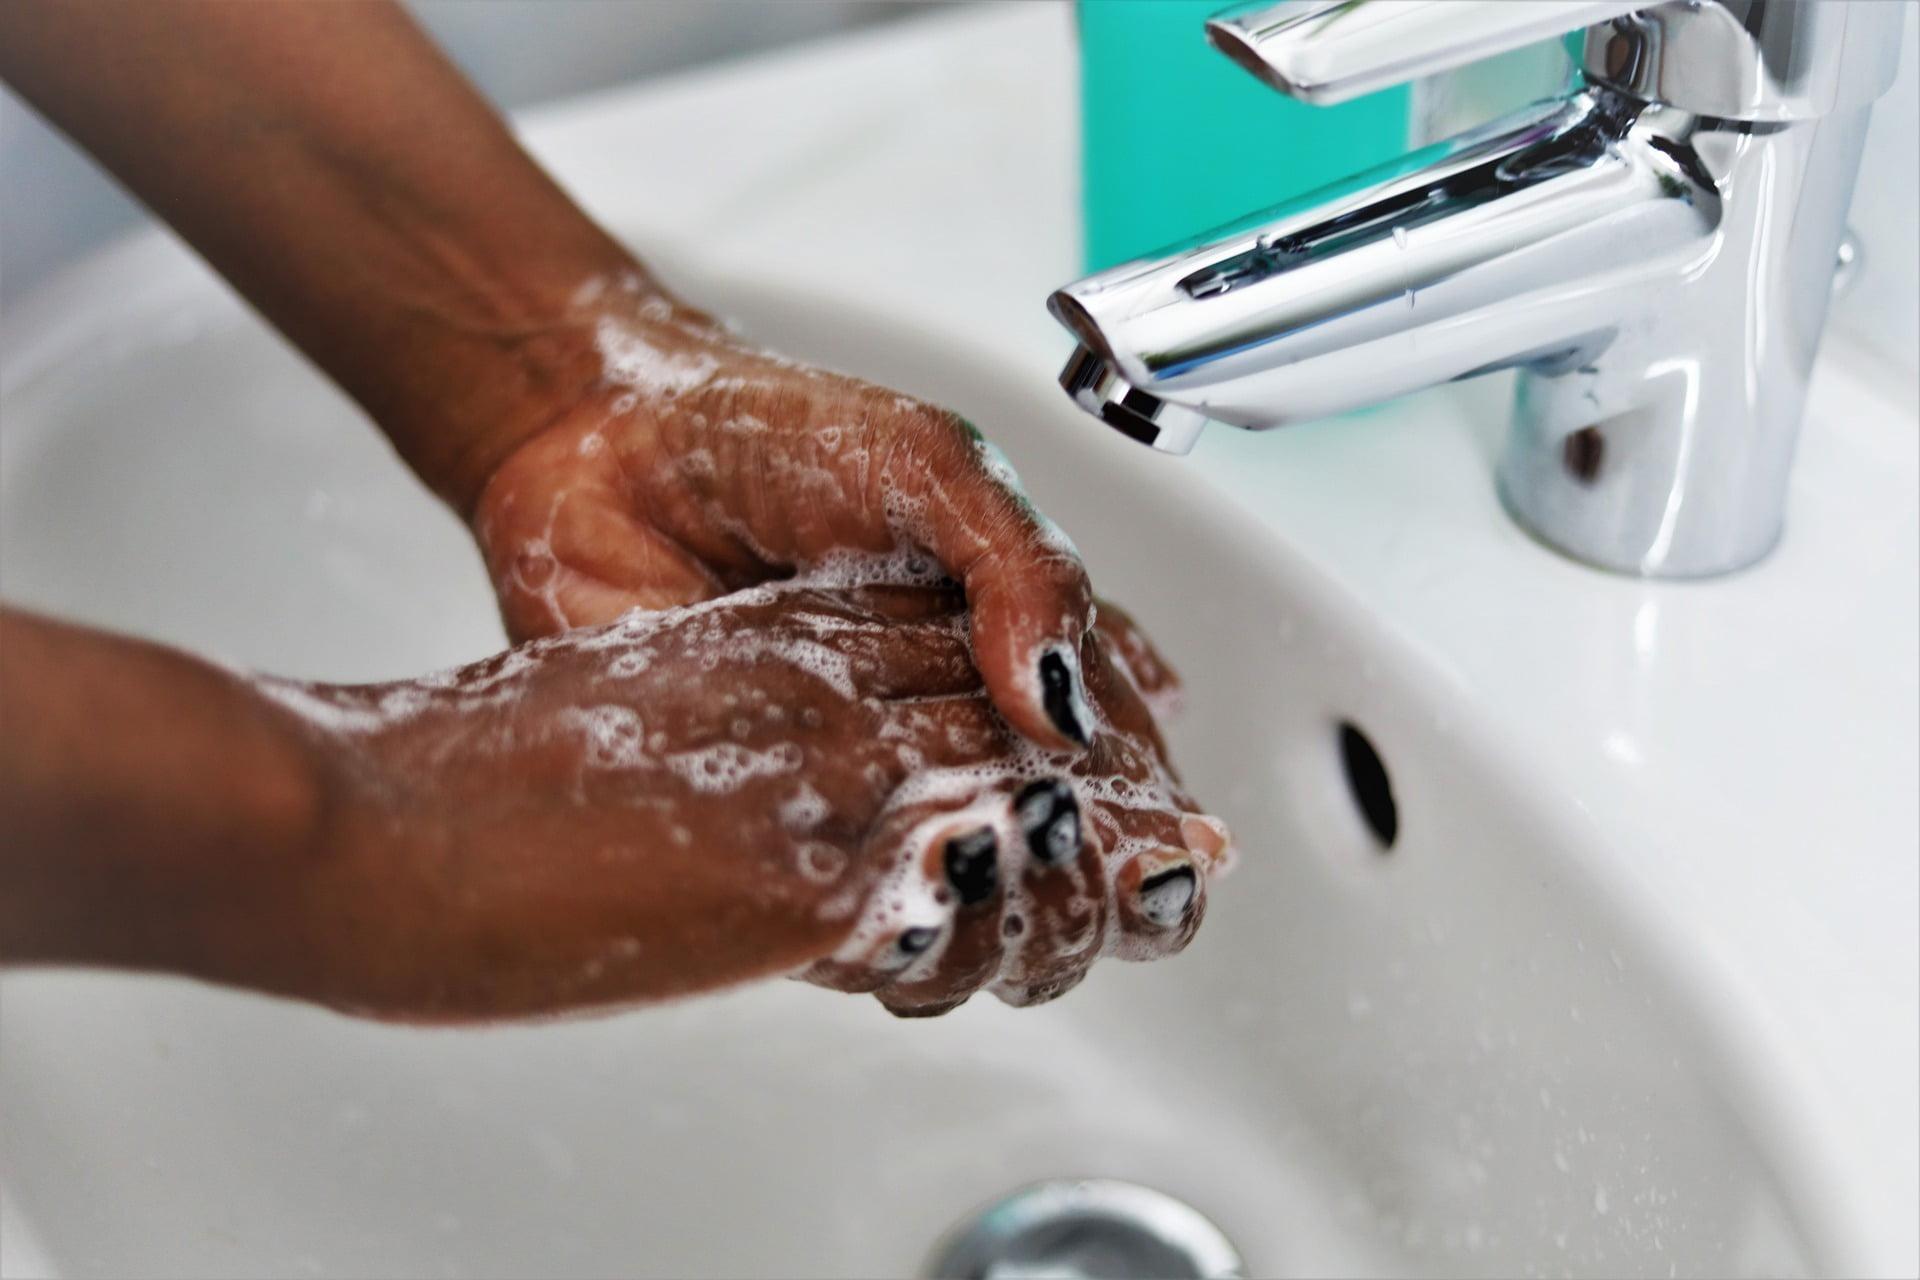 Plumbing fixture, Sewing machine, Hand, Tap, Water, Sink, Liquid, Fluid, Finger